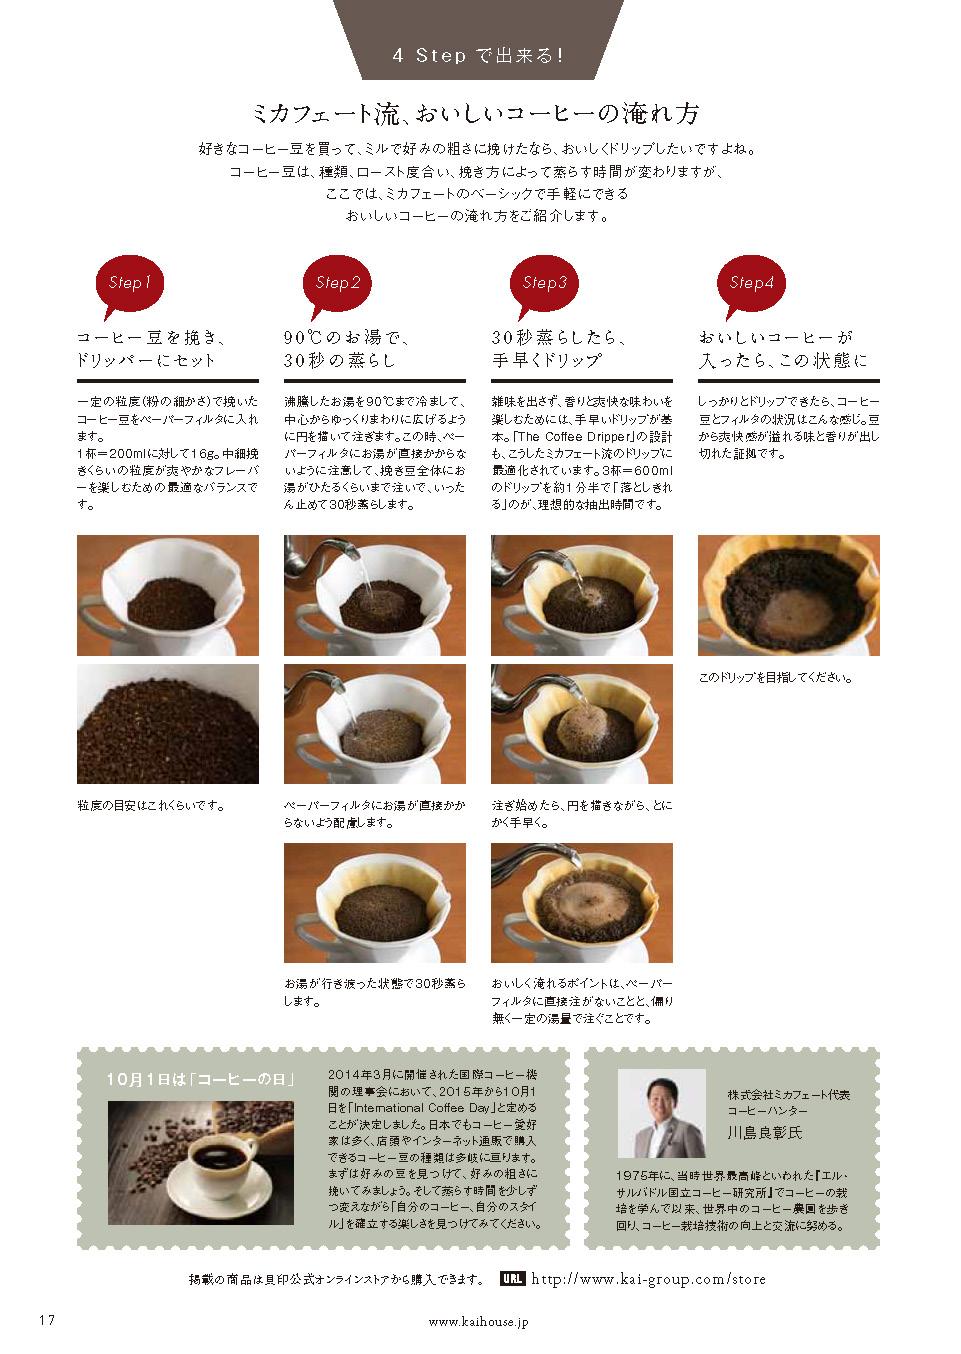 KaiHouse_26_17.jpg